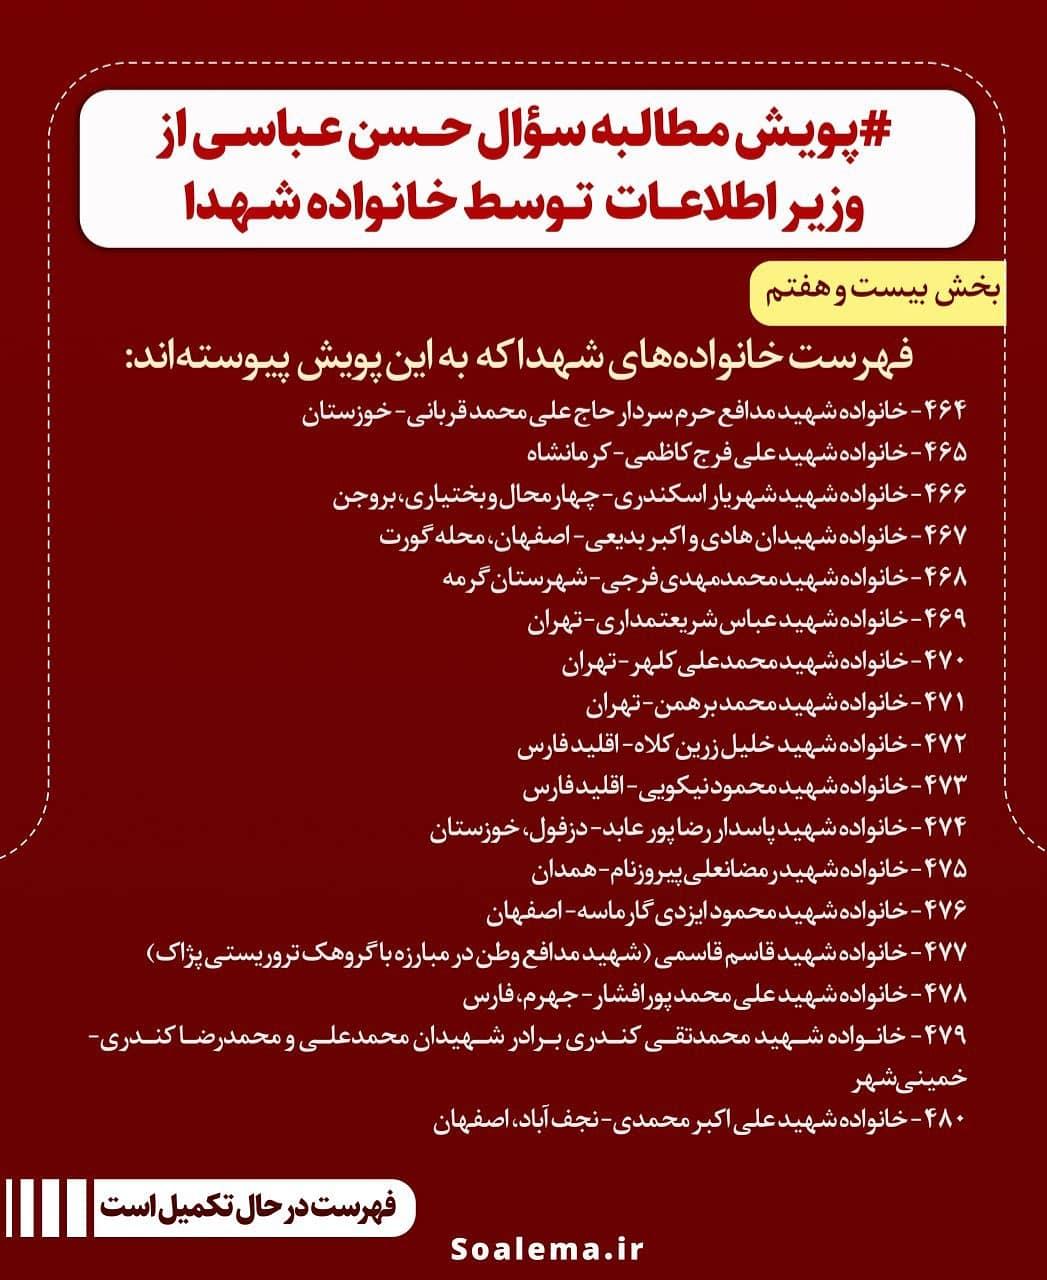 http://dl-abbasi.ir/yekta/1398/Graphic/Shohada/27.jpg